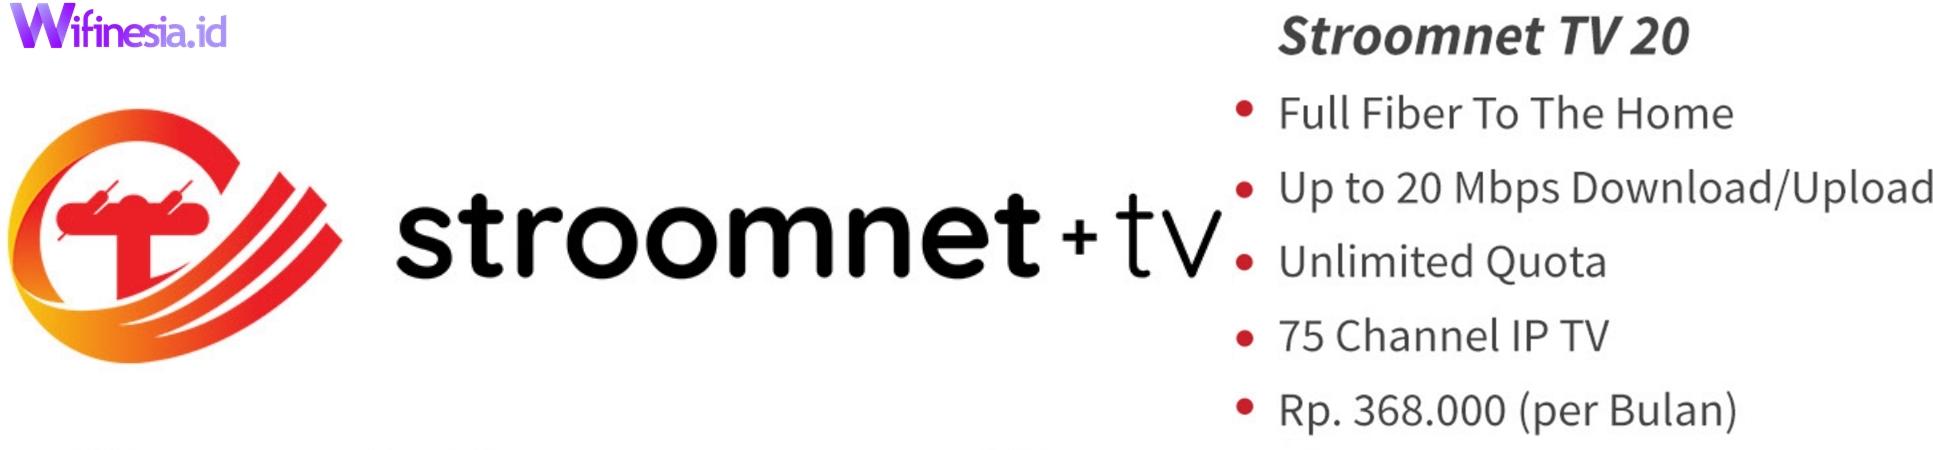 Harga Paket Stroomnet + TV 20 Berlangganan Jabodetabek